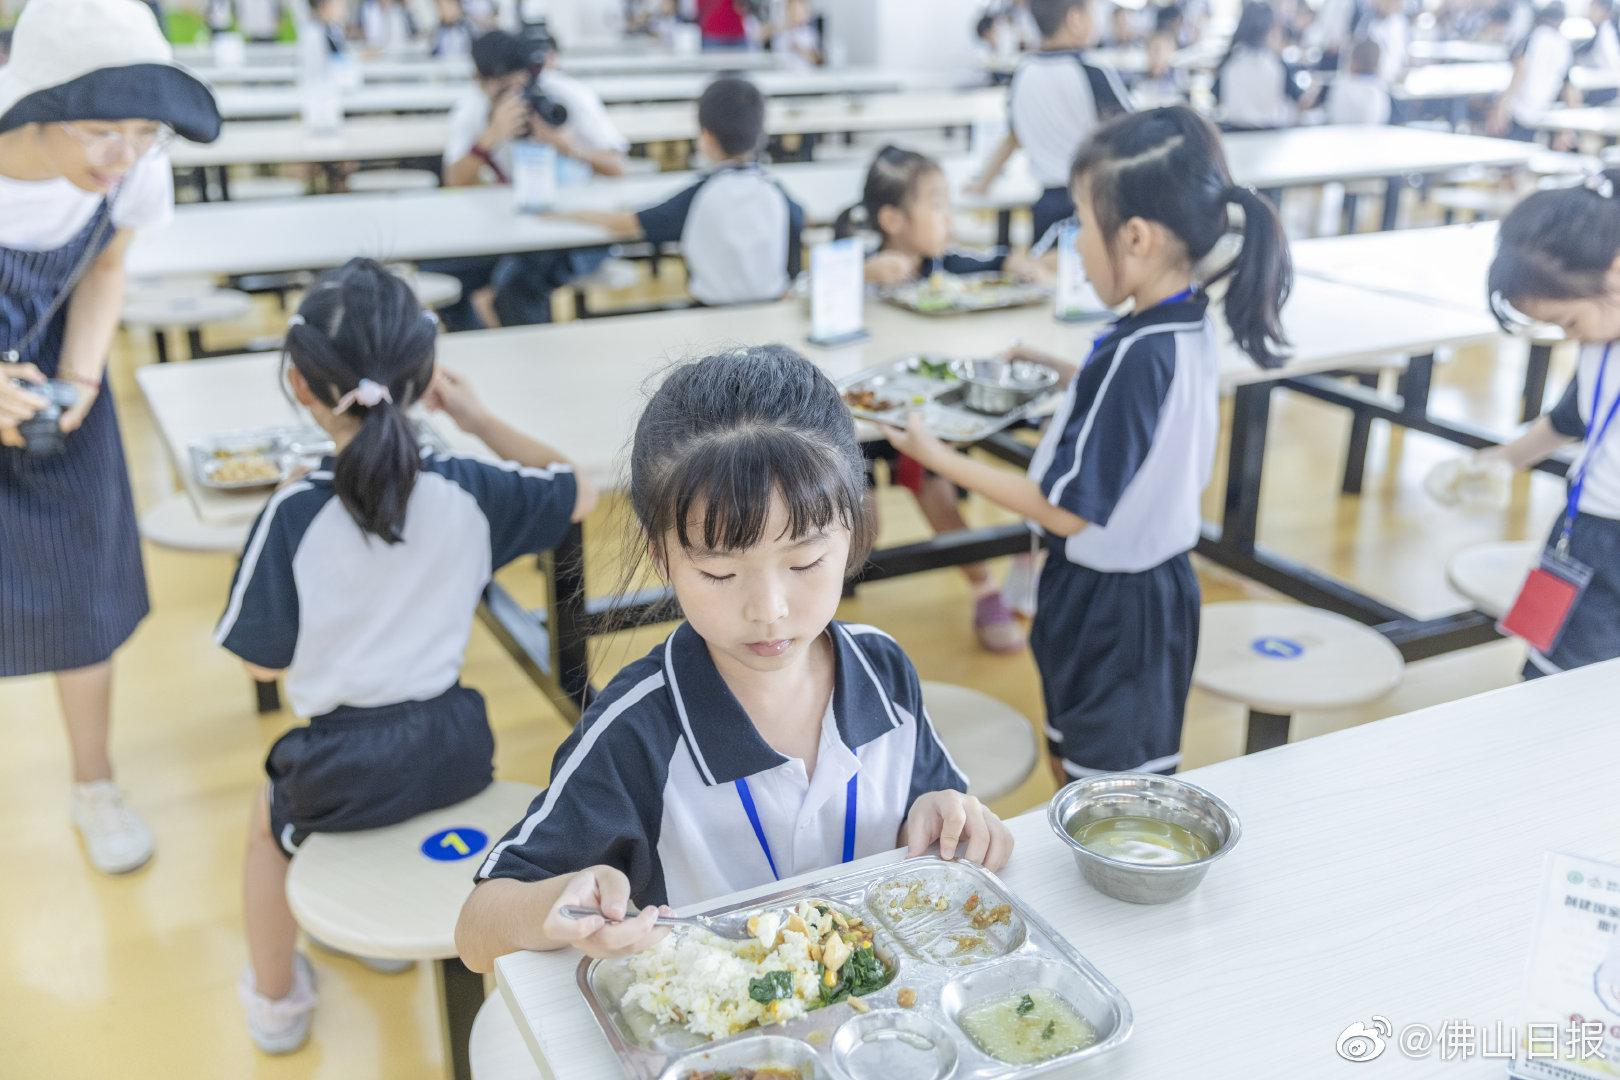 22项 264个校园食堂 禅城开展秋季校园美食宁静专项检查